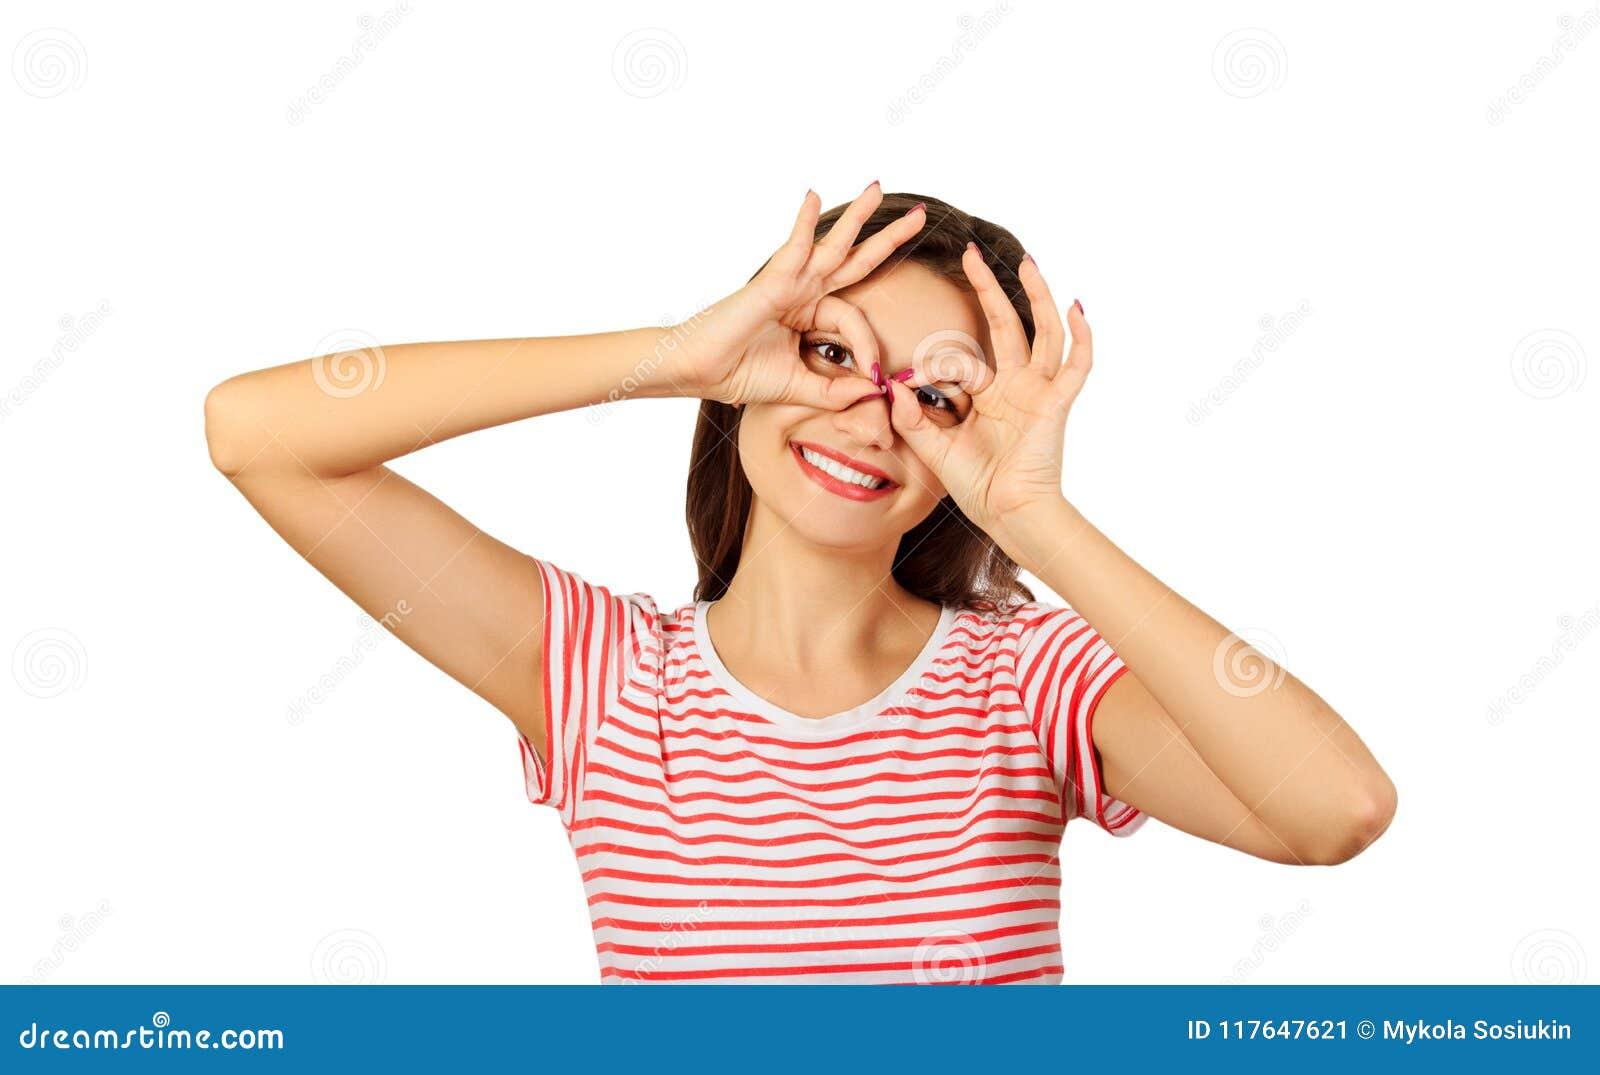 7900673dff03 Le dita allegre della tenuta della ragazza vicino osserva come i vetri  ragazza emozionale isolata su